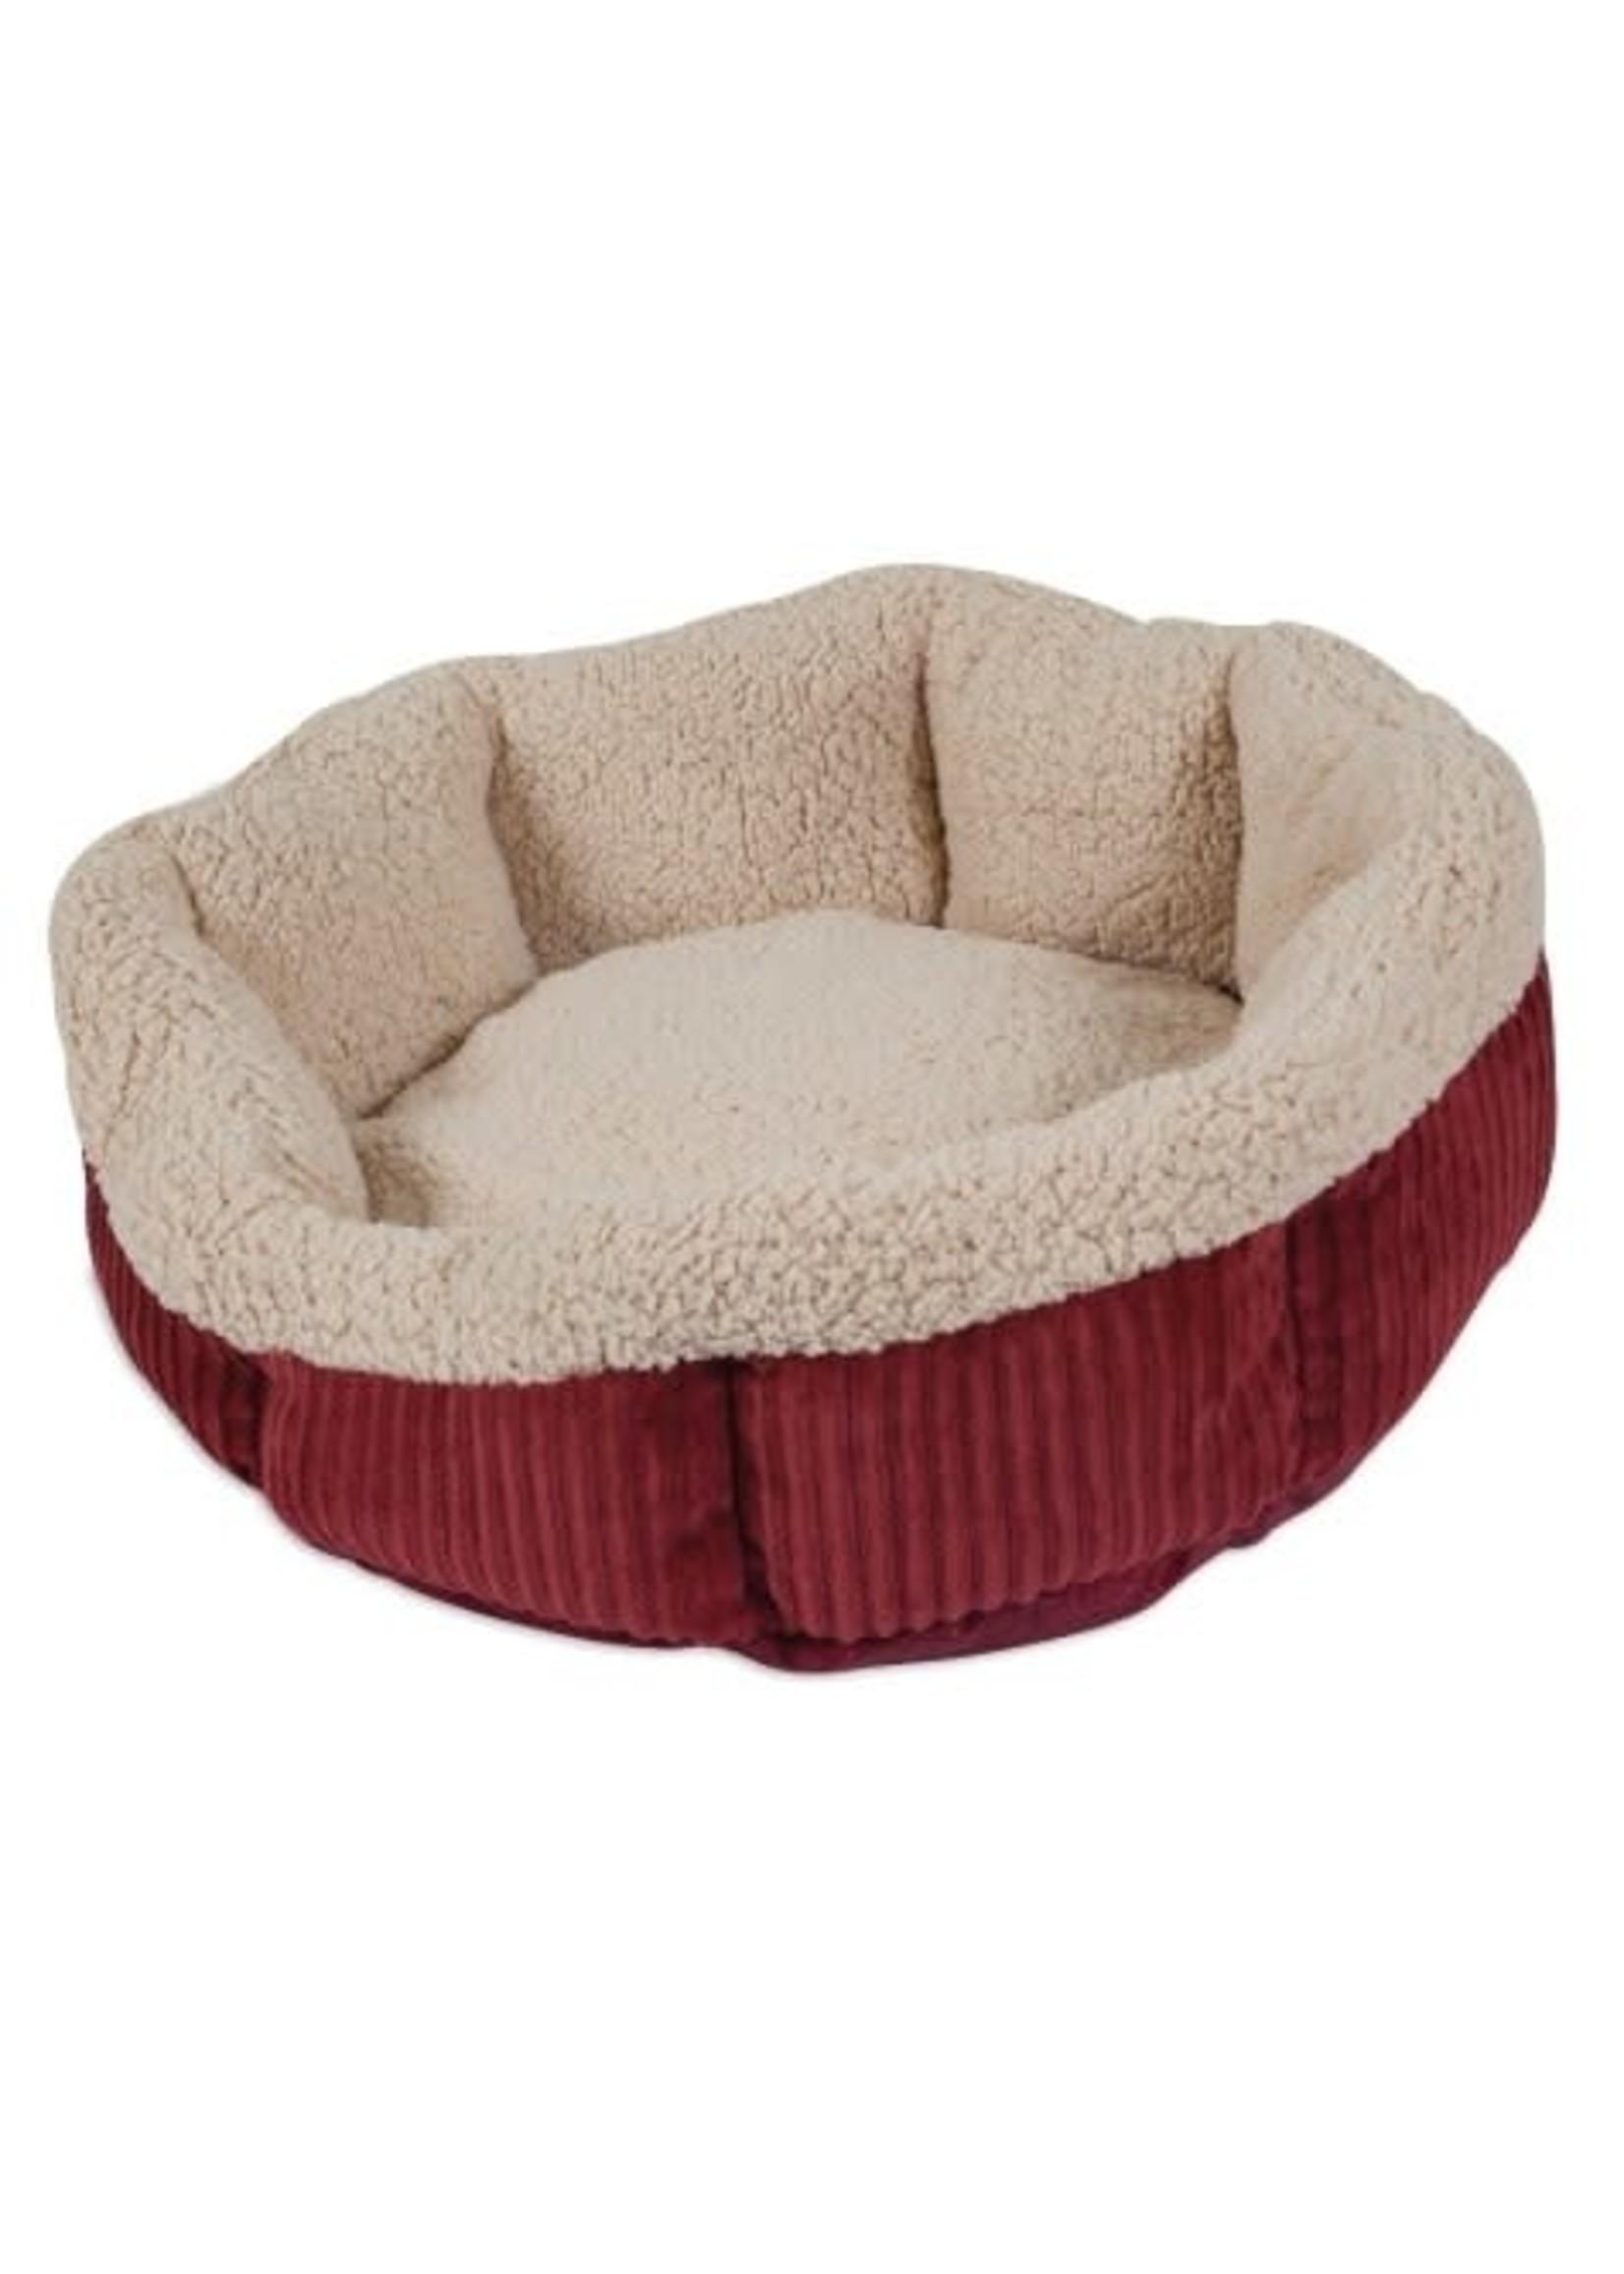 Petmate Petmate Self Warming Cat Bed 19in